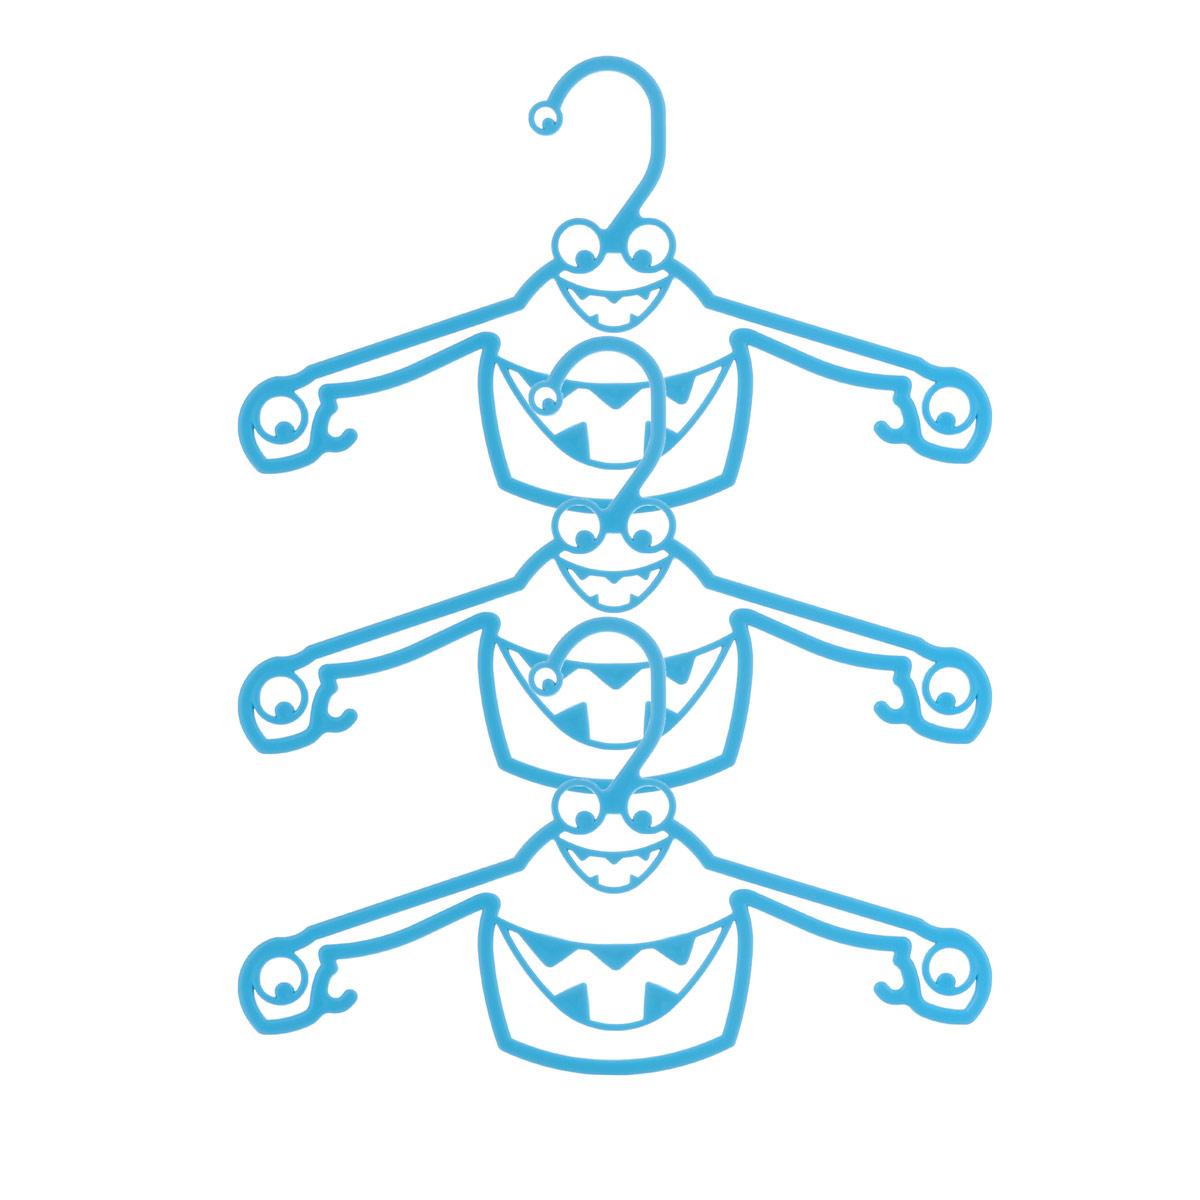 Набор вешалок Пластишка, с крючками, цвет: бирюзовый, 3 штС13024_бирюзаНабор Пластишка, изготовленный из прочного полипропилена, состоит из 3 детских вешалок для одежды с закругленными плечиками. Изделия оснащены крючками. Вешалка - это незаменимая вещь для того, чтобы ваша одежда всегда оставалась в хорошем состоянии. Комплектация: 3 шт.